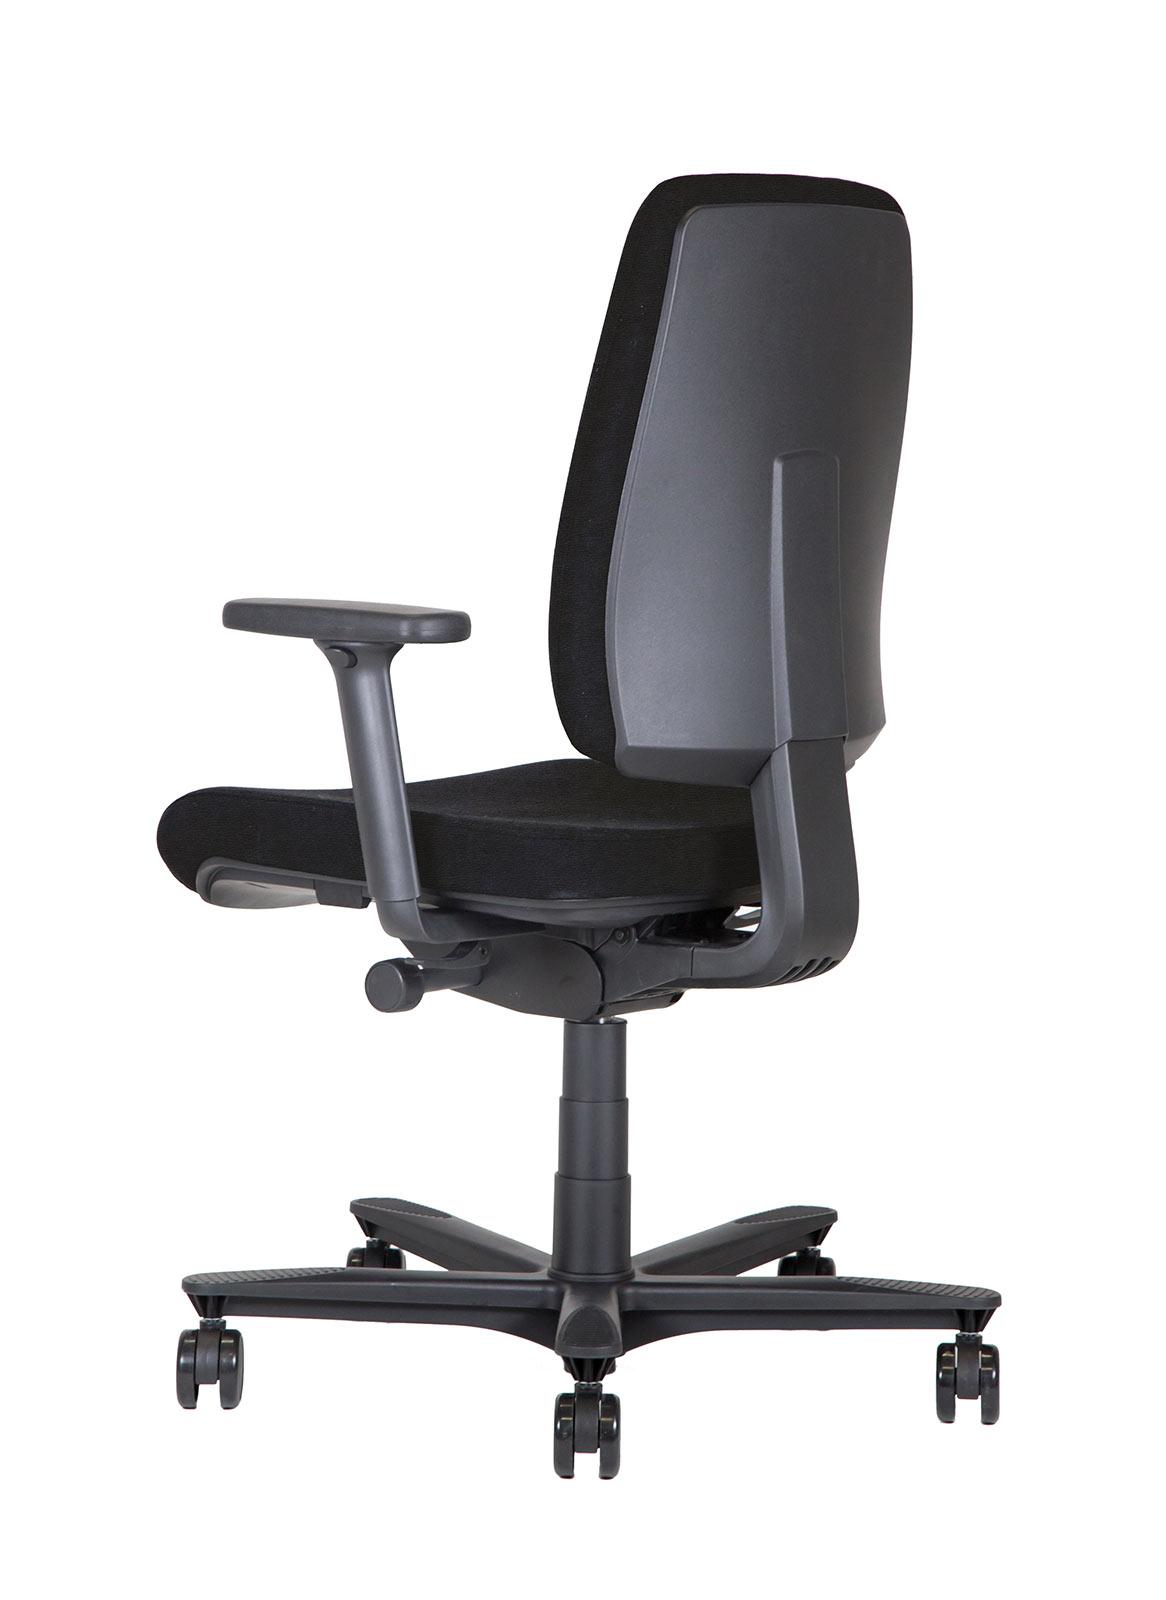 Sedia da ufficio bb122 sedia ergonomica kleos for Sedia ergonomica